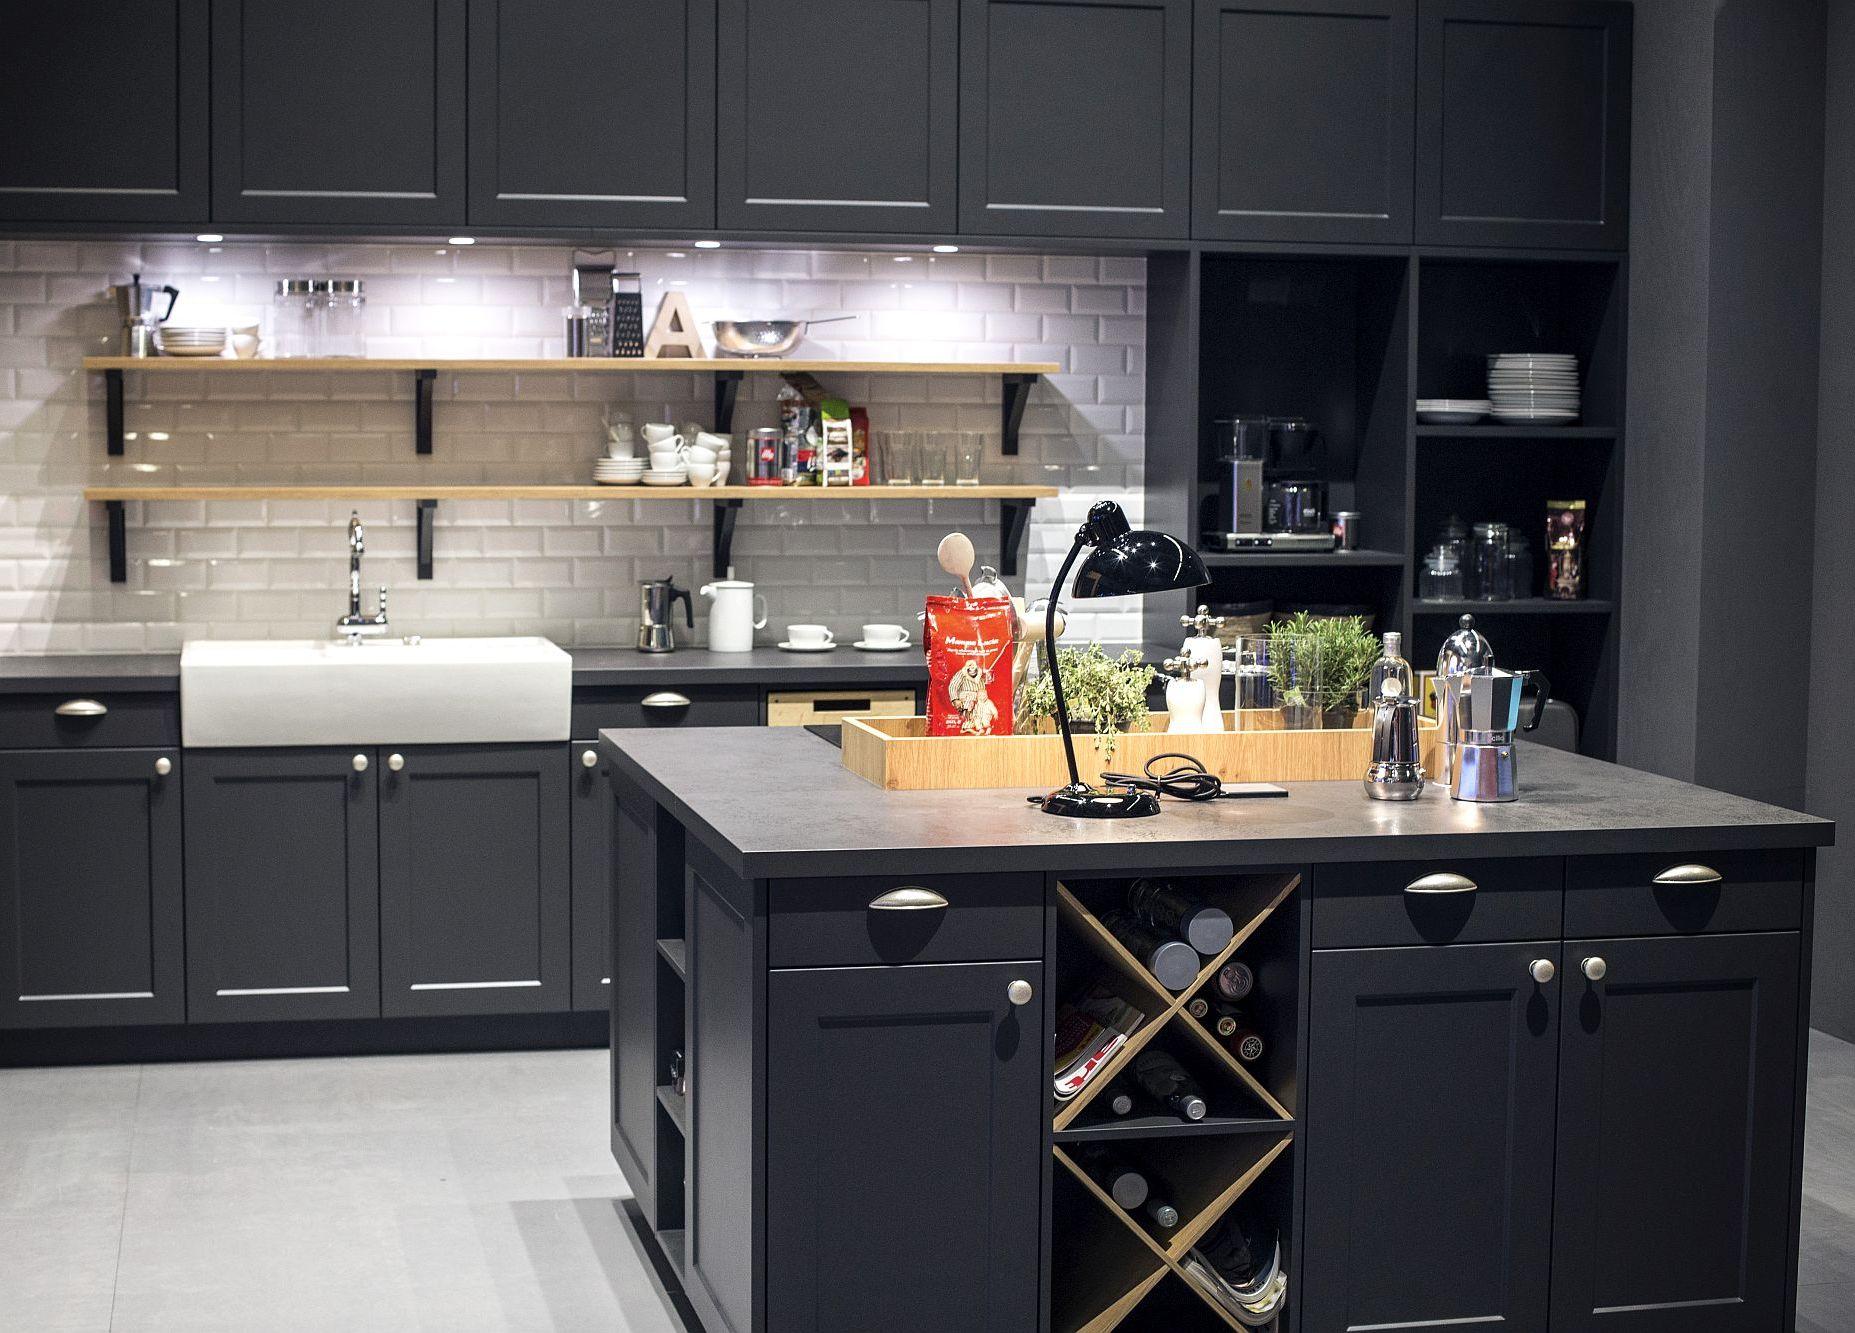 Cовременный дизайн серо-белой кухни, где серый доминирует - фото 1